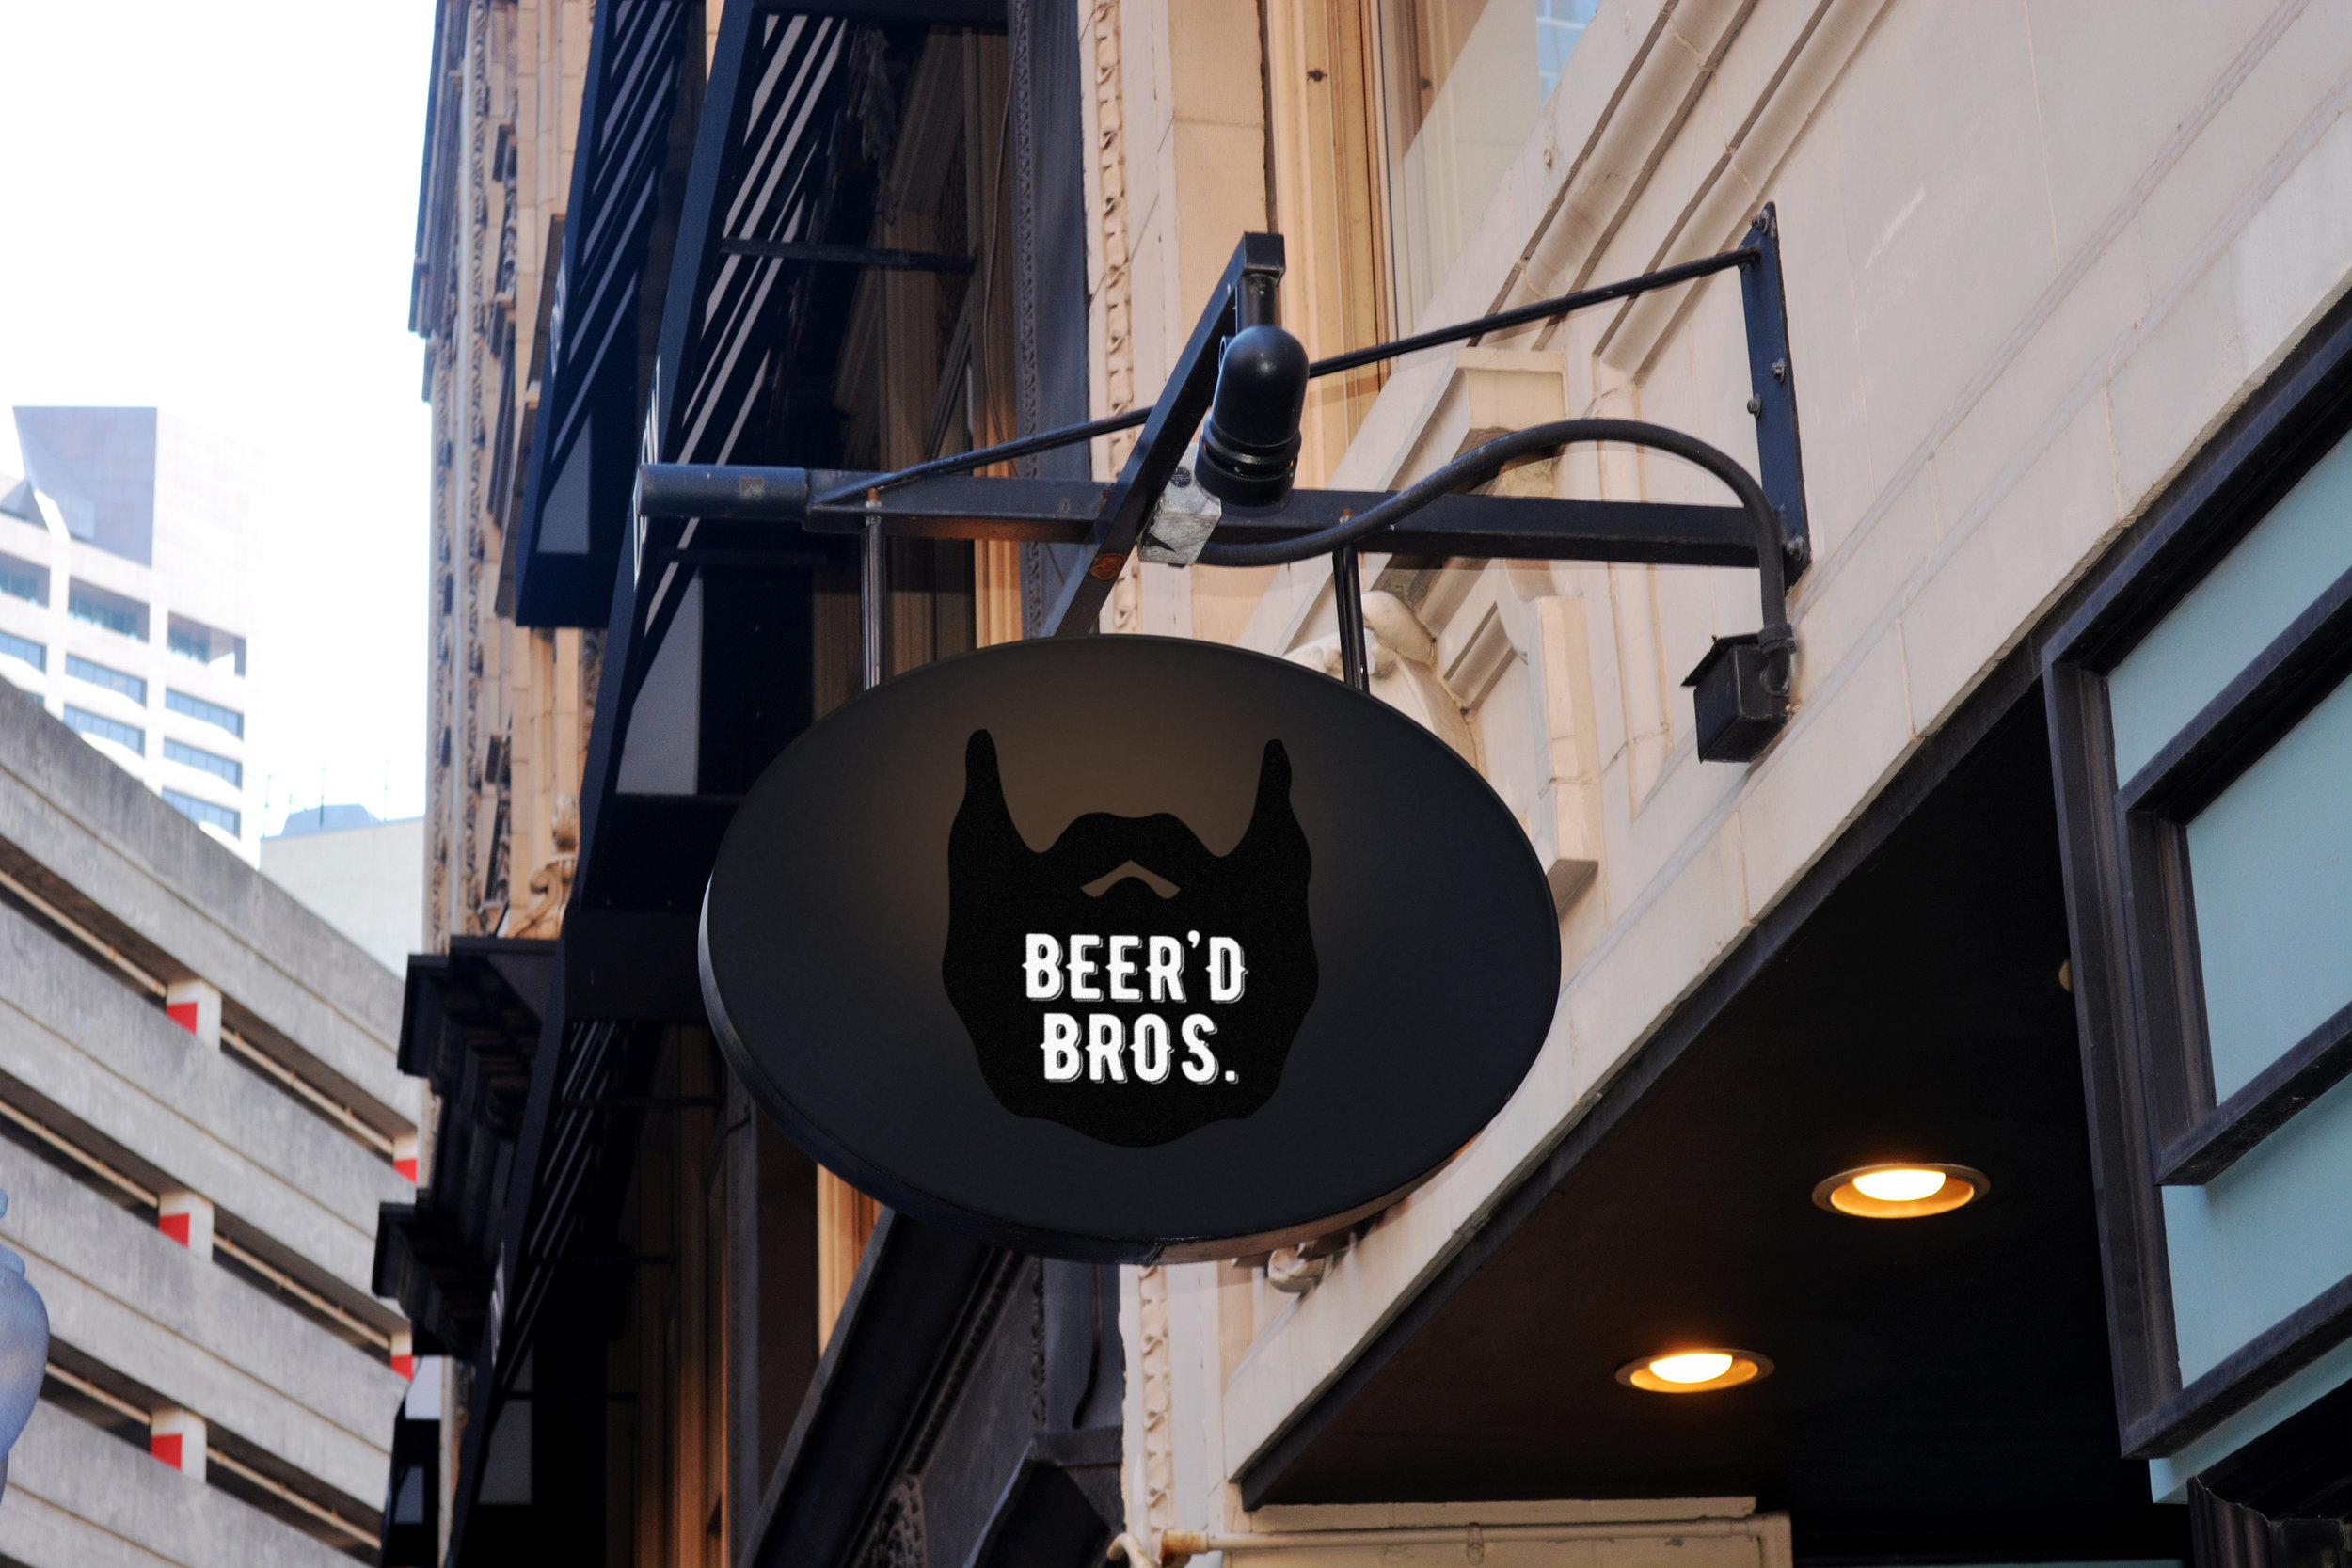 Beer'd Bros. Sign